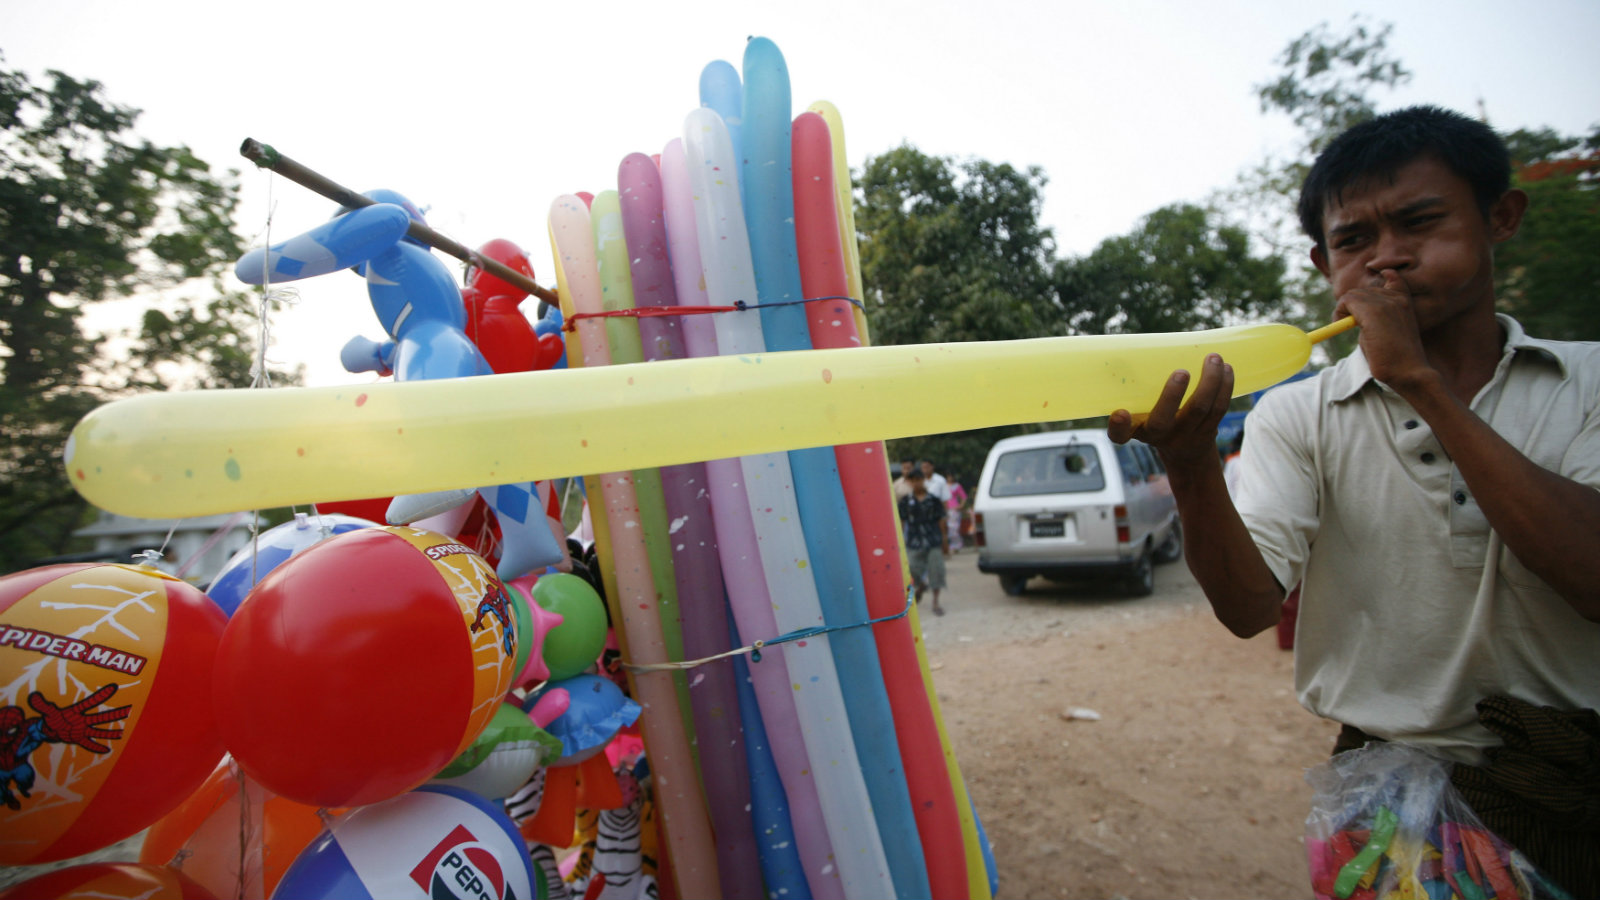 A balloon seller blows a balloon near Gabaraye Pagoda in Yangon April 17, 2010.